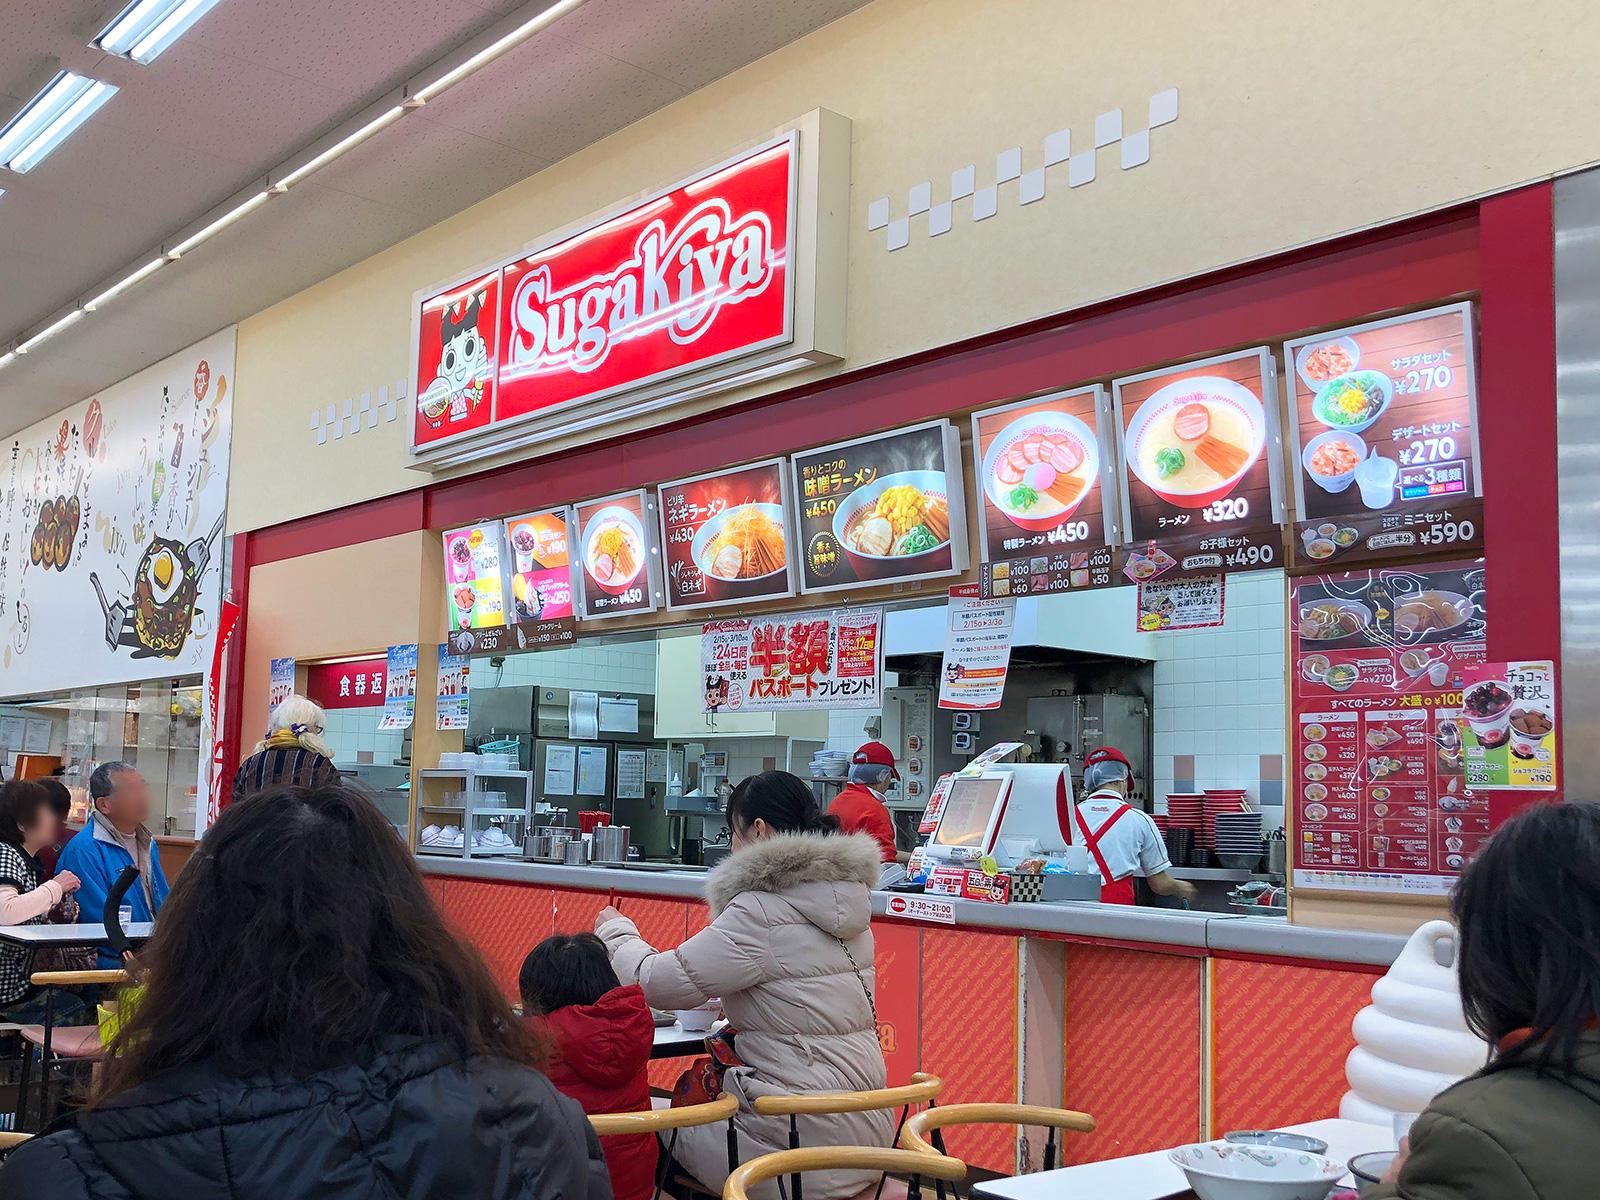 キミは「スガキヤ」平成最後のスーちゃん祭を知っているか?